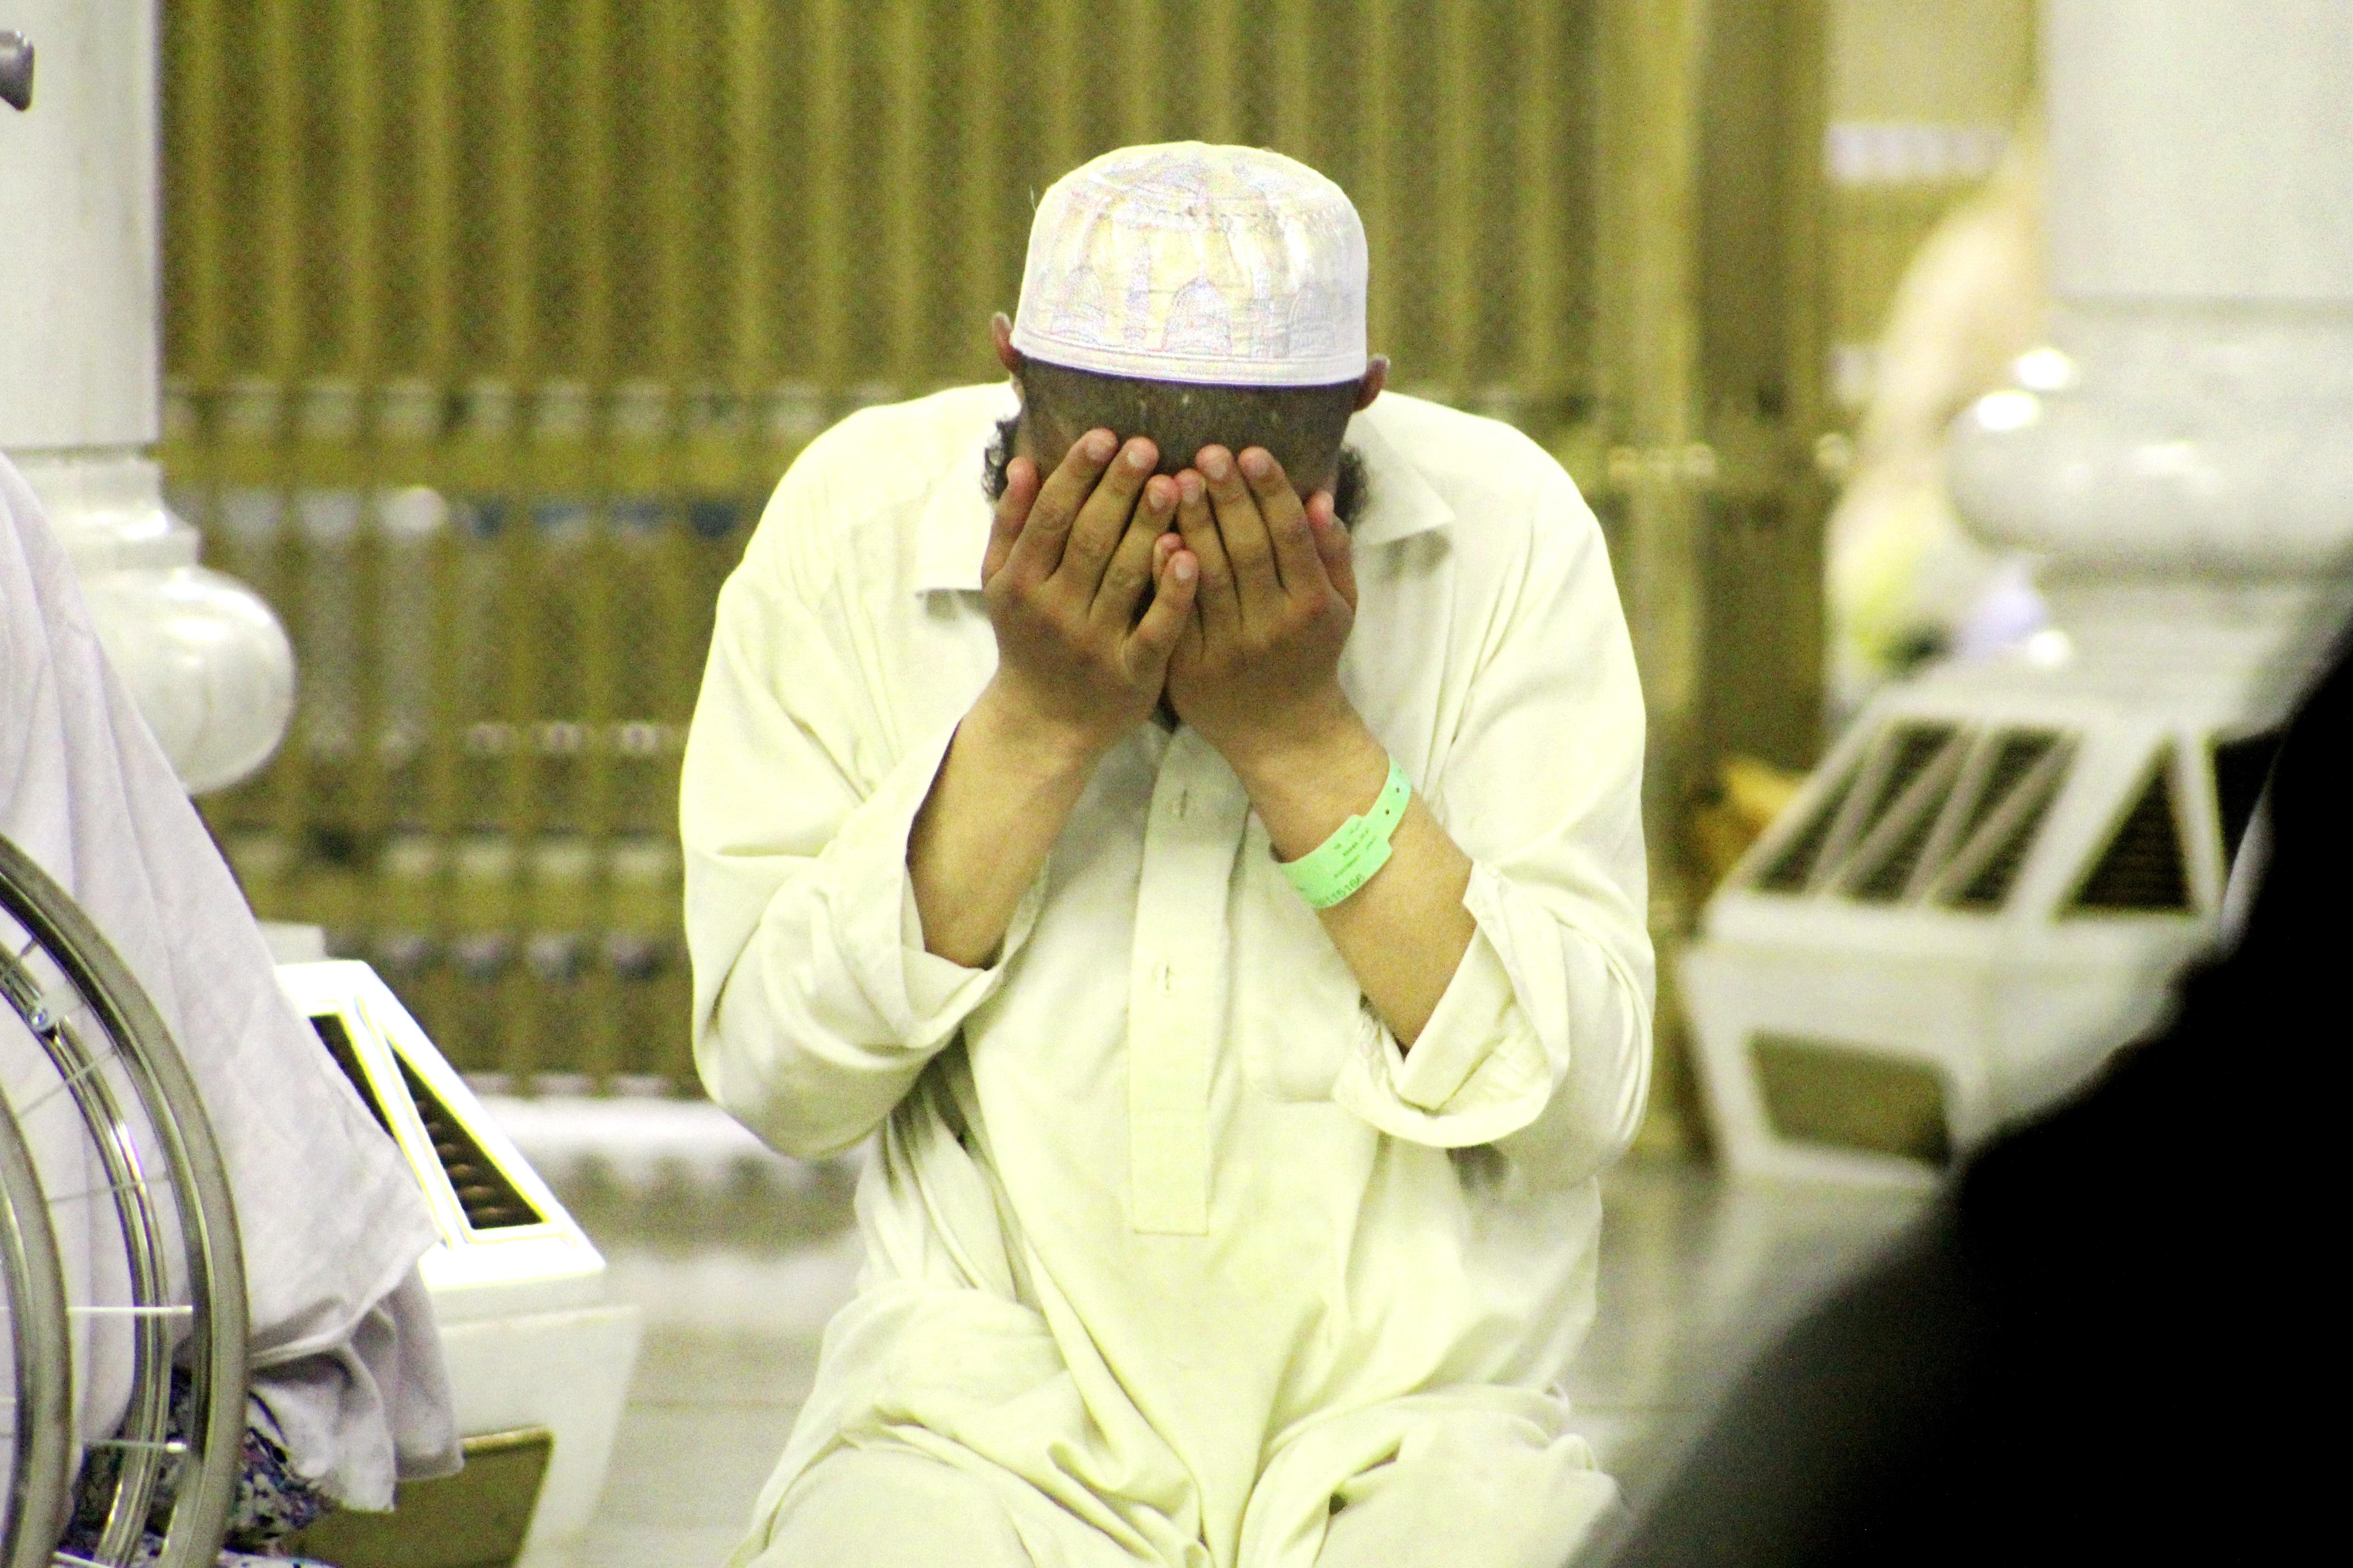 Căsătoria în Islam